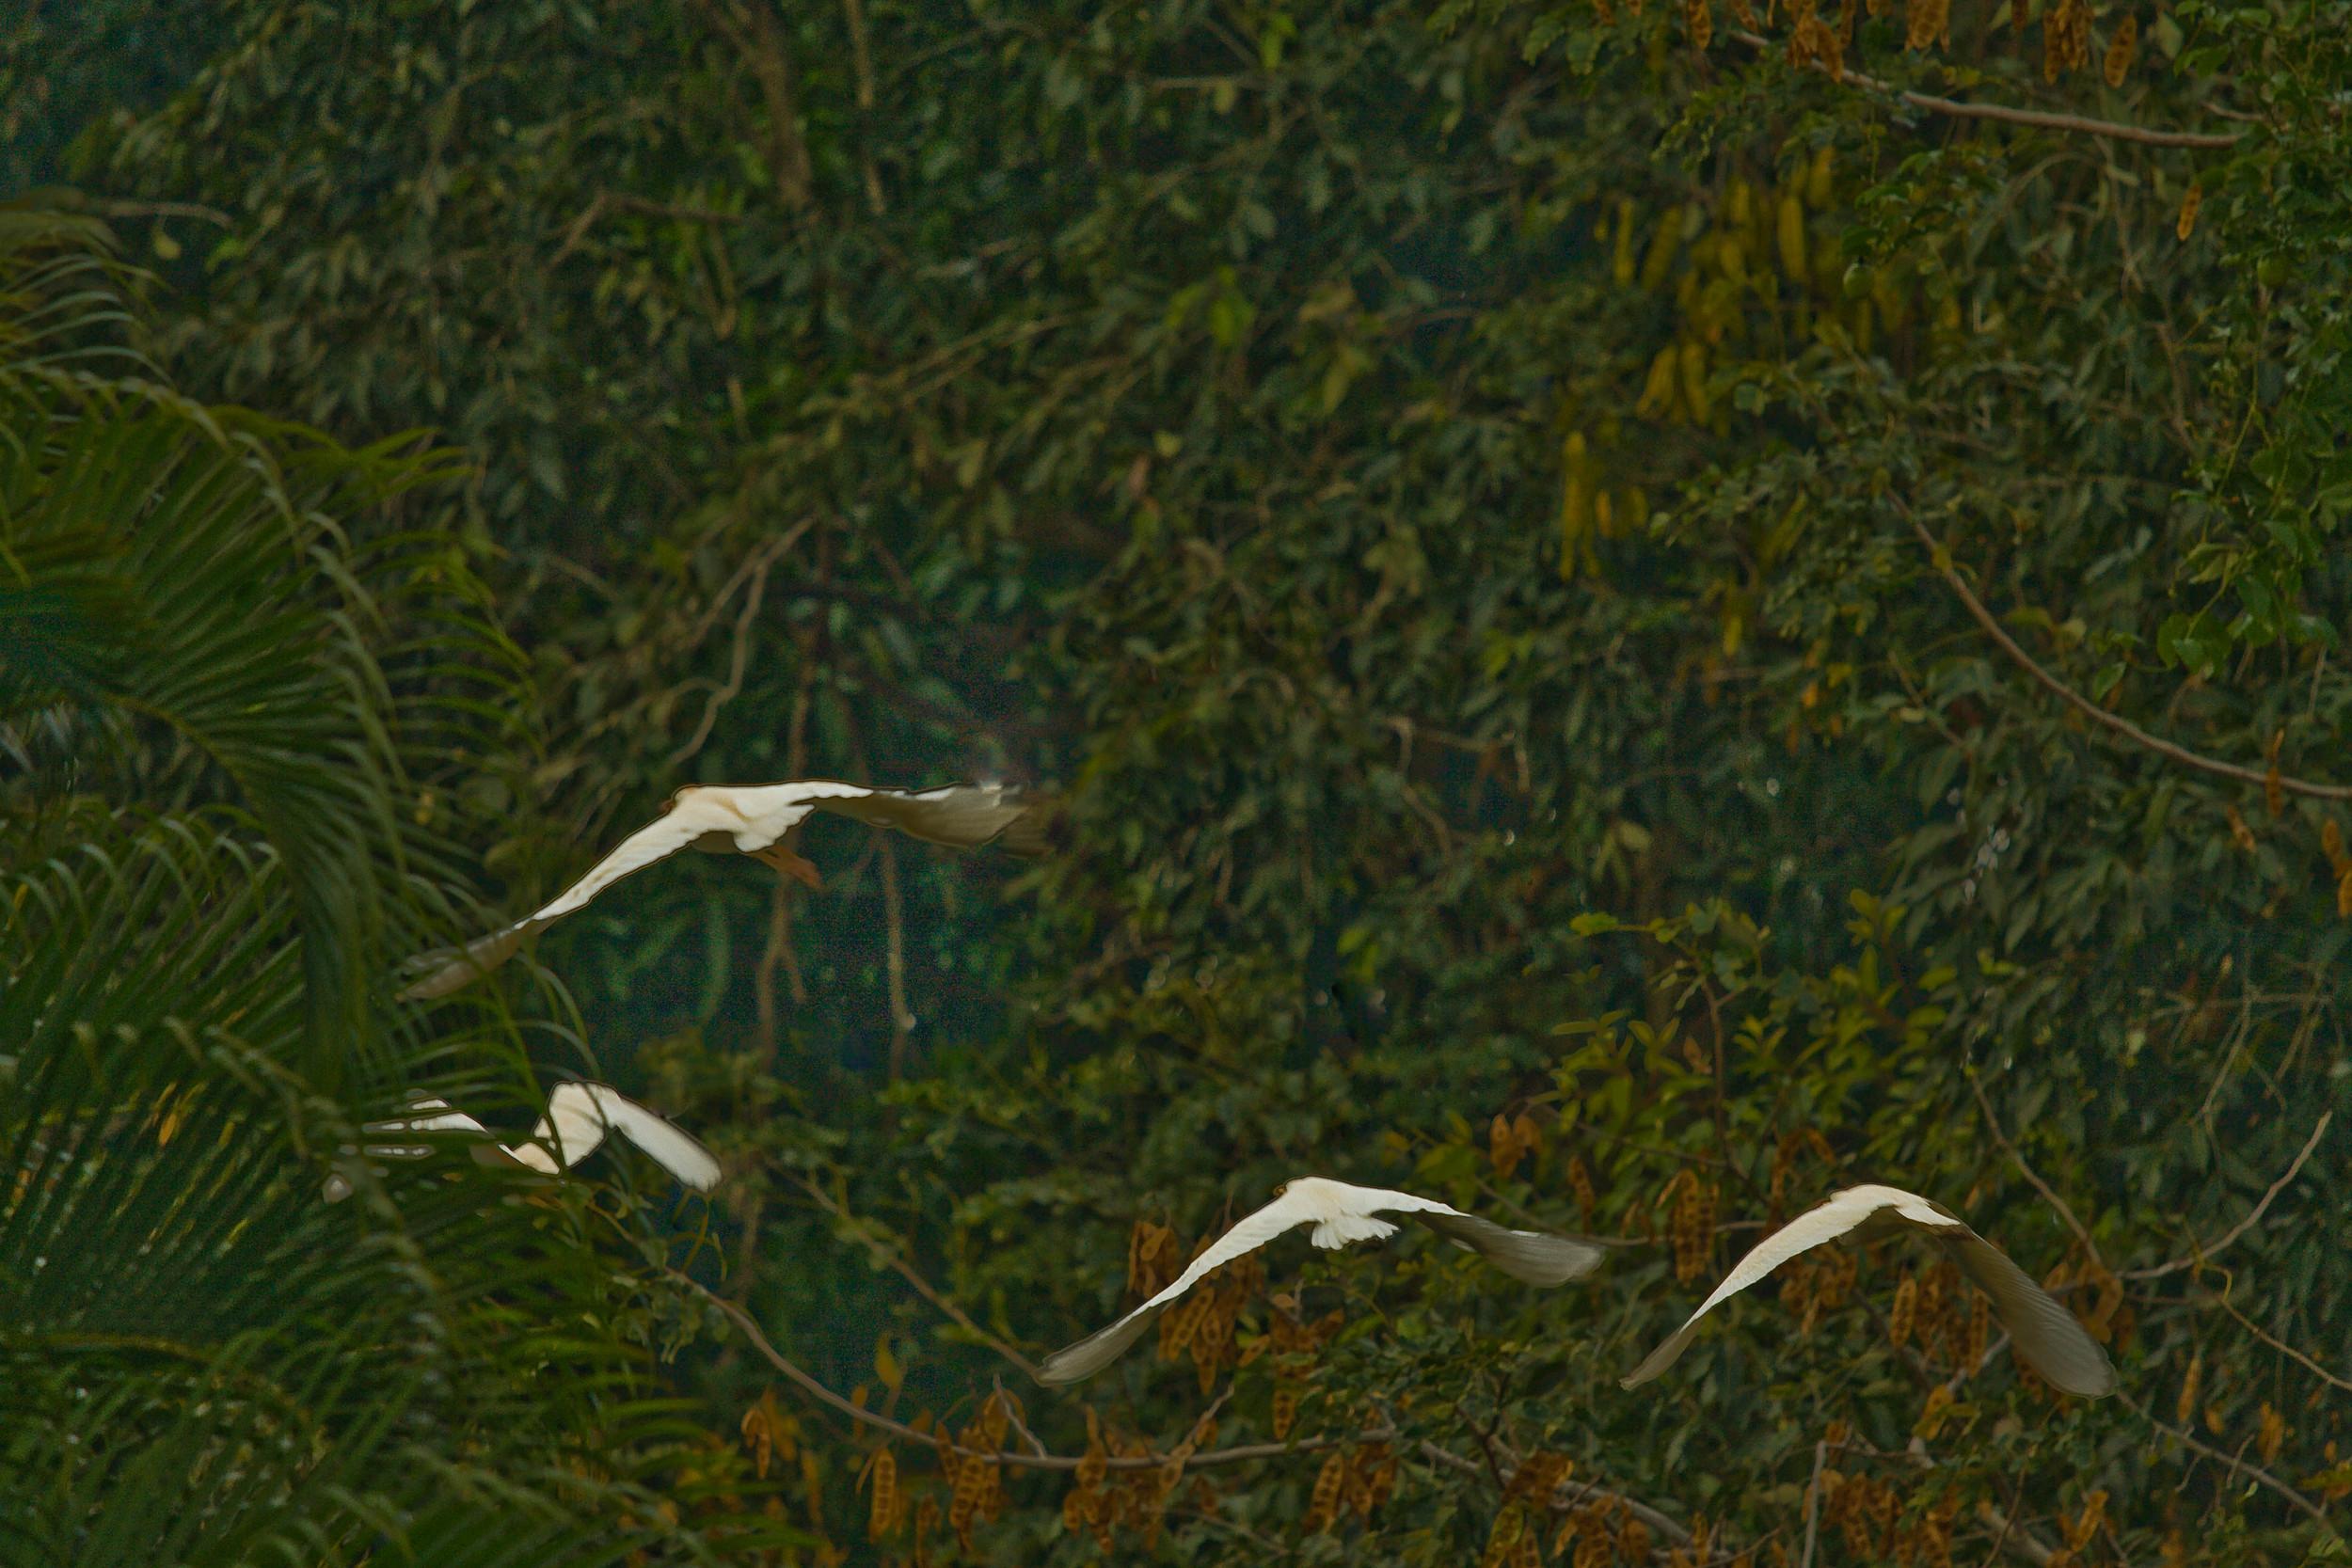 Egrets Hawaii